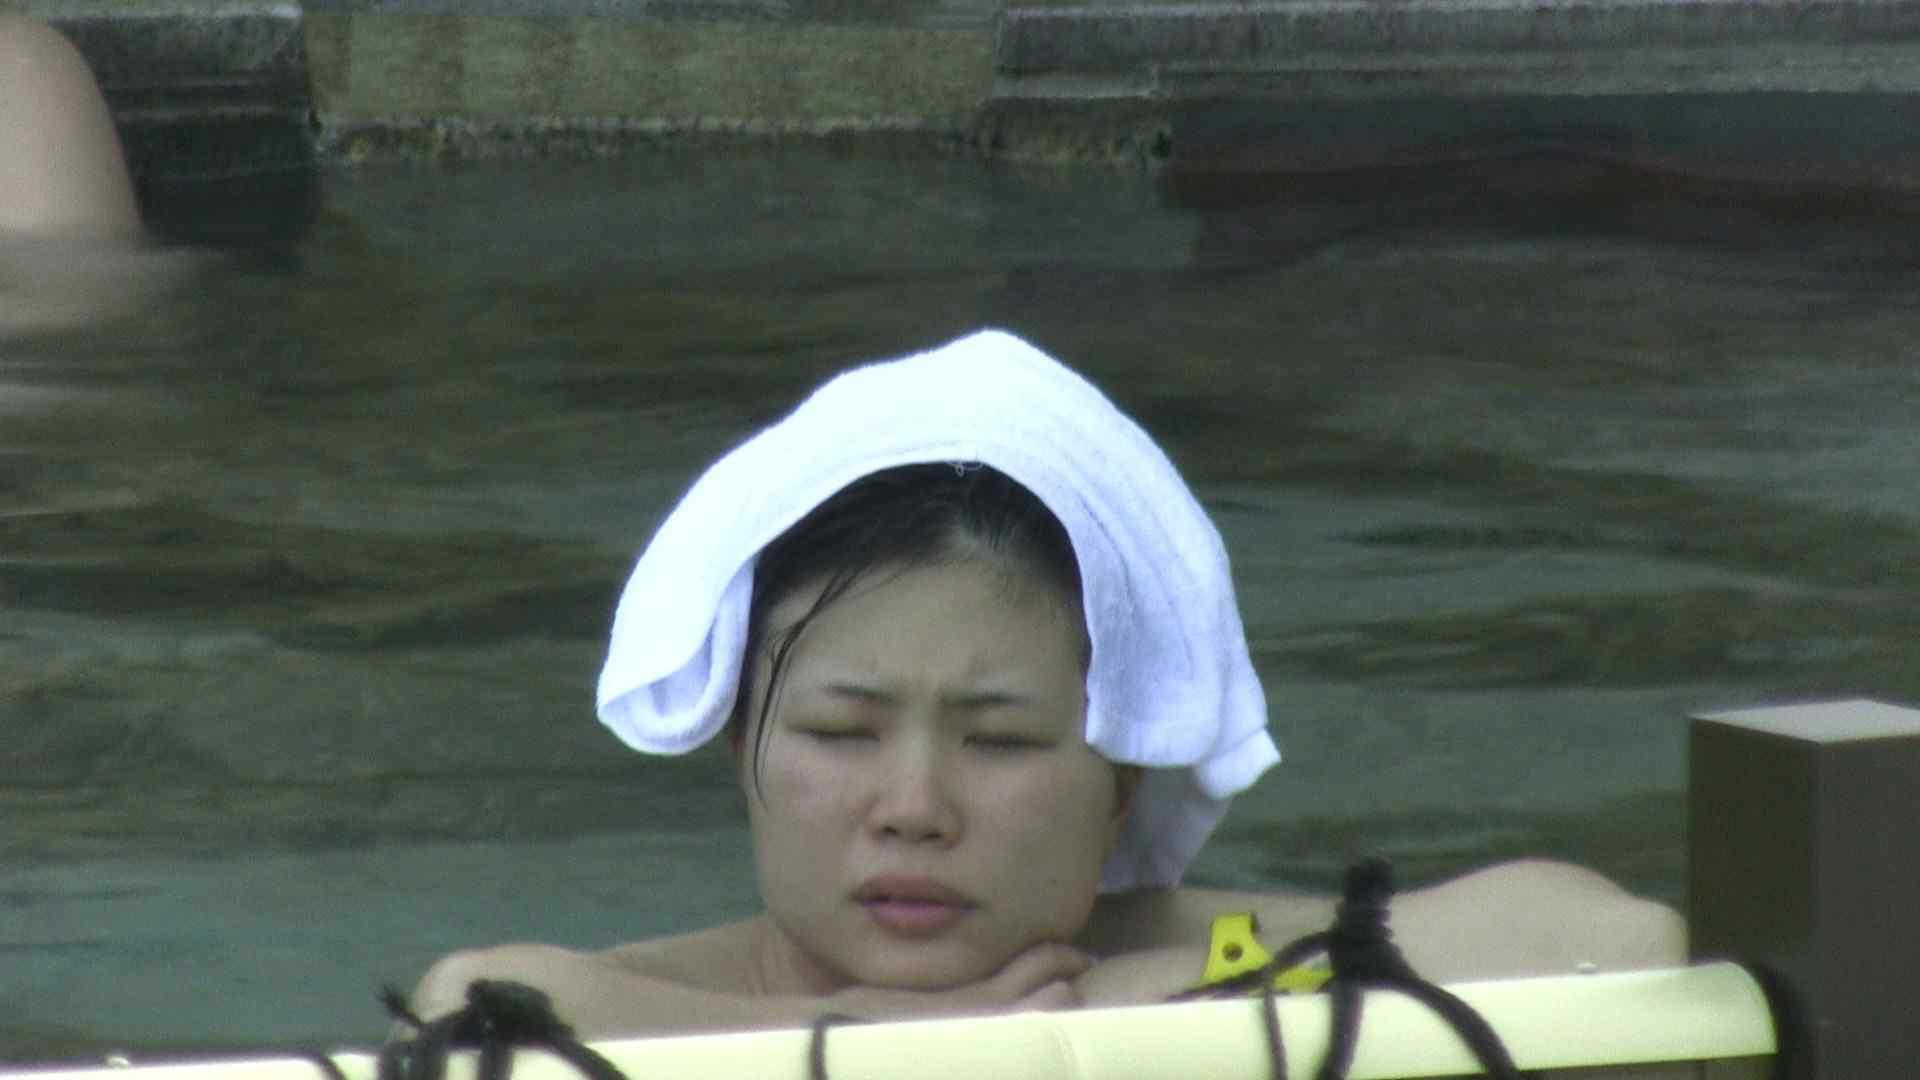 Aquaな露天風呂Vol.183 盗撮  69画像 24